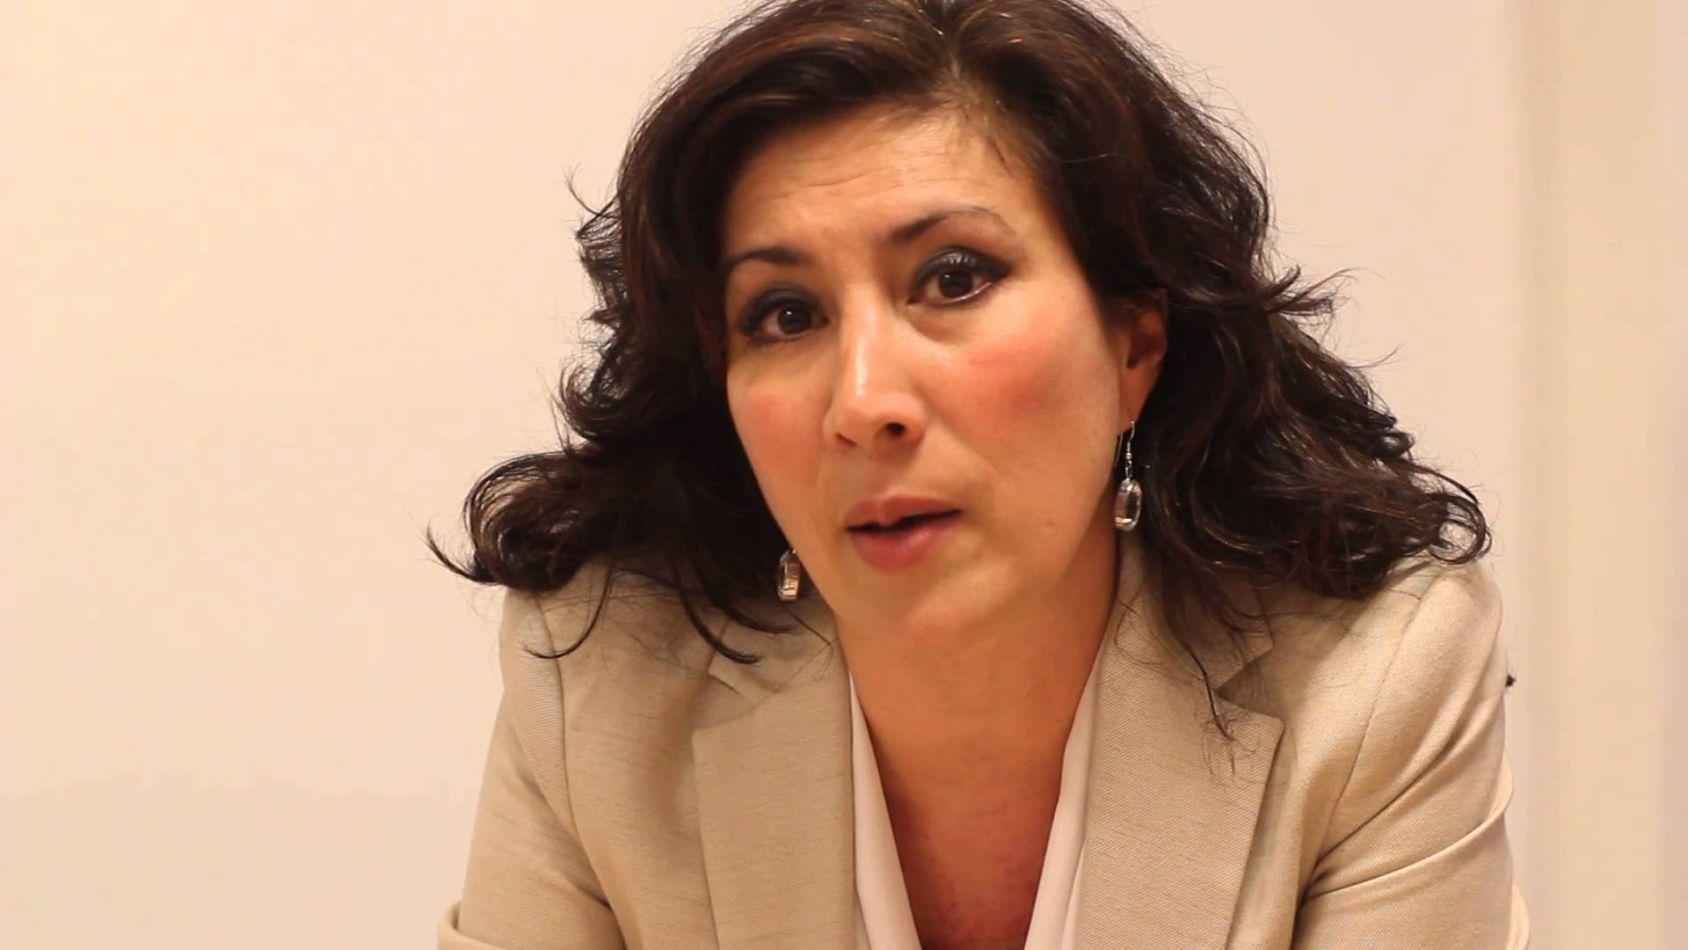 María Veronica Piovani